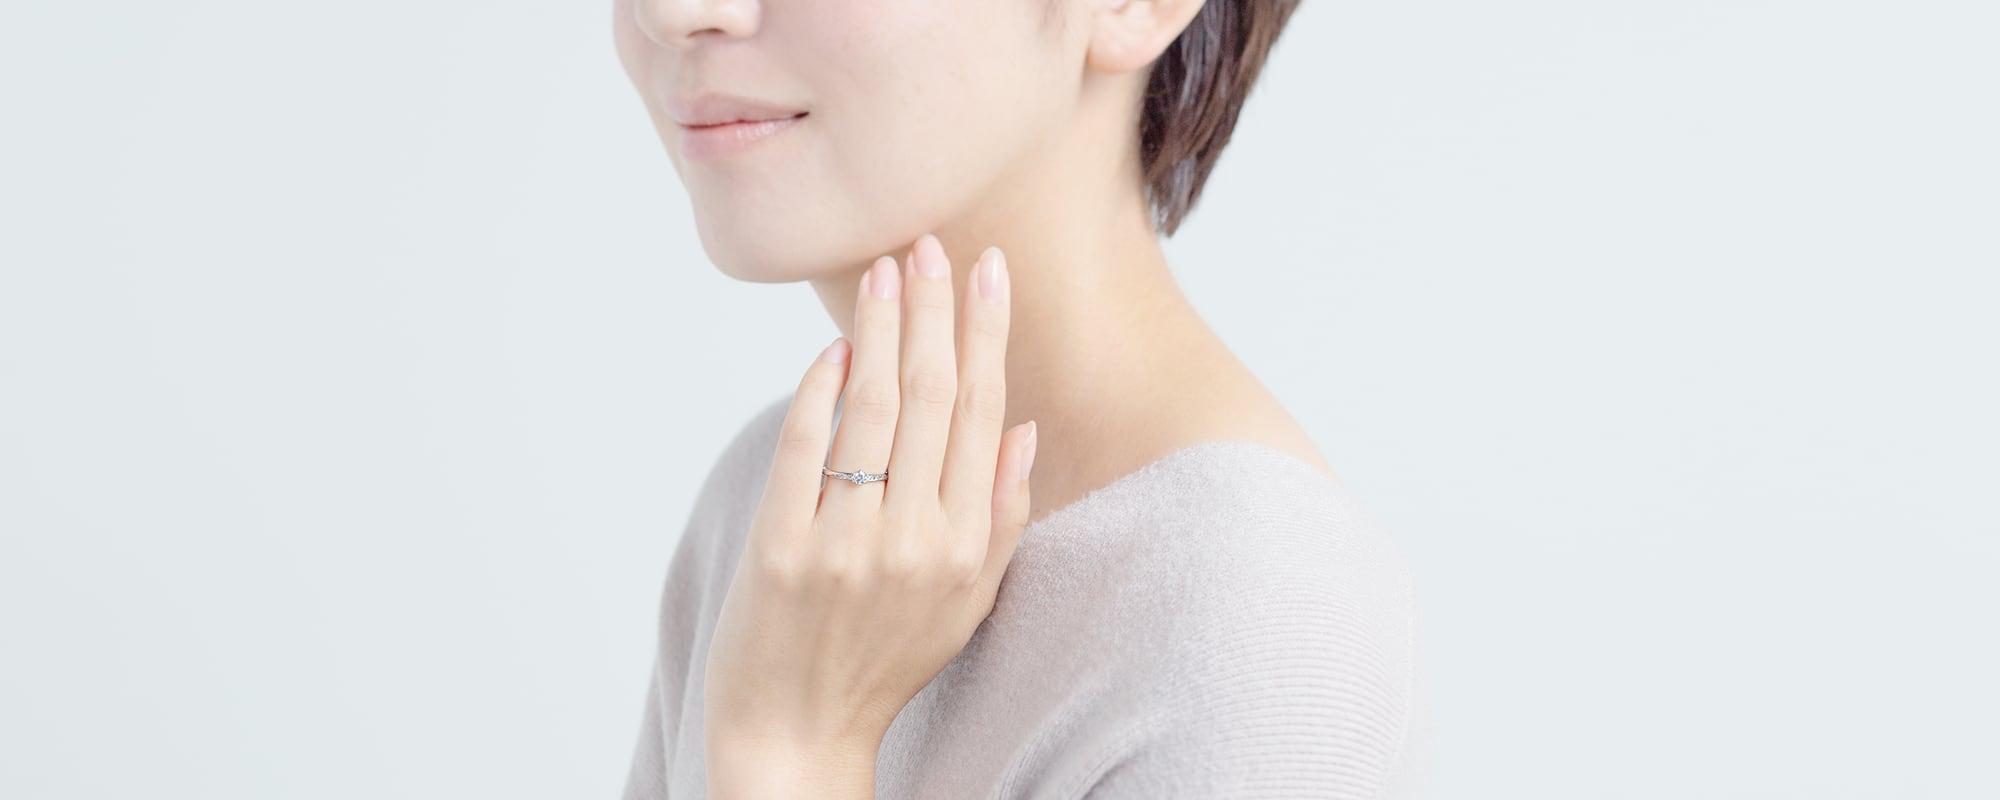 0.3ctの婚約指輪をつけている女性